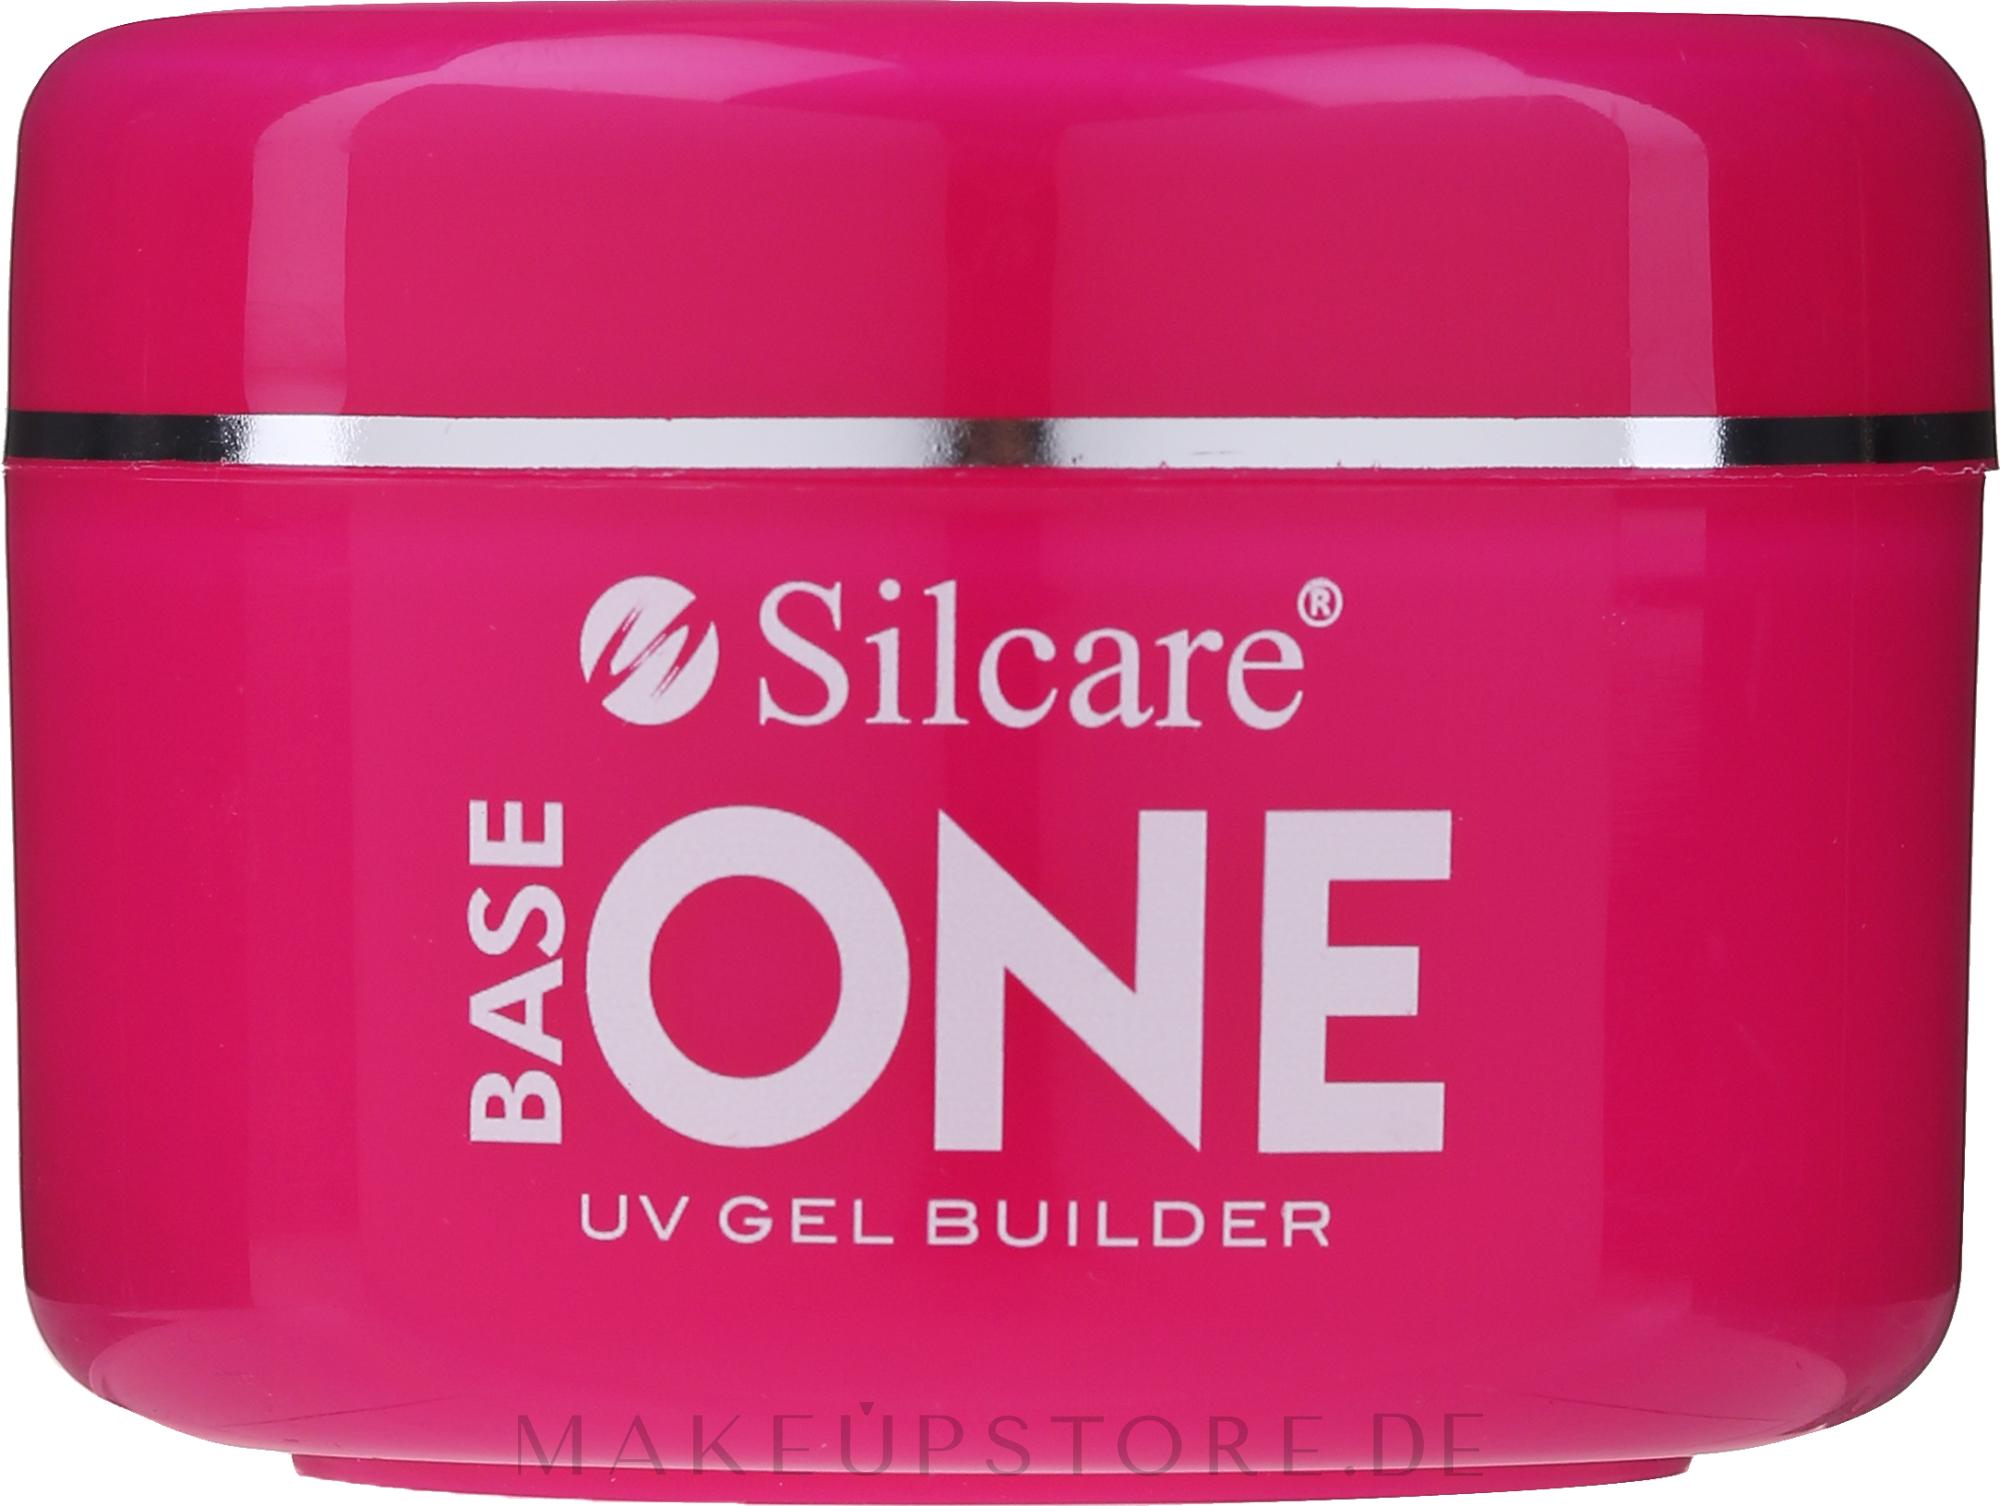 UV Aufbaugel Cover Light - Silcare Base One UV Gel Builder Cover Light — Bild 100 g